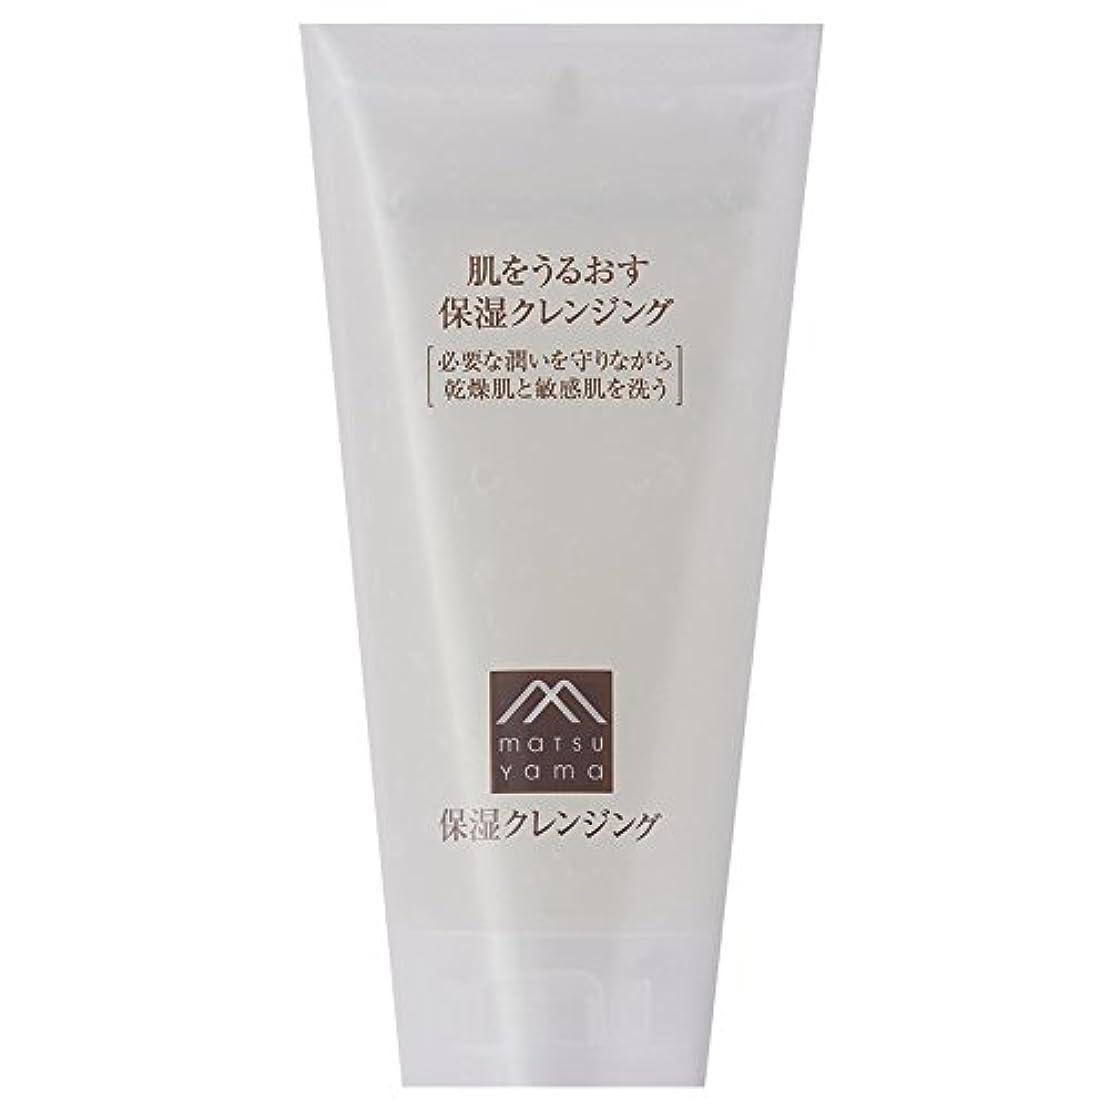 販売計画立派な苦味肌をうるおす保湿クレンジング(メイク落とし) 保湿 乾燥肌 敏感肌